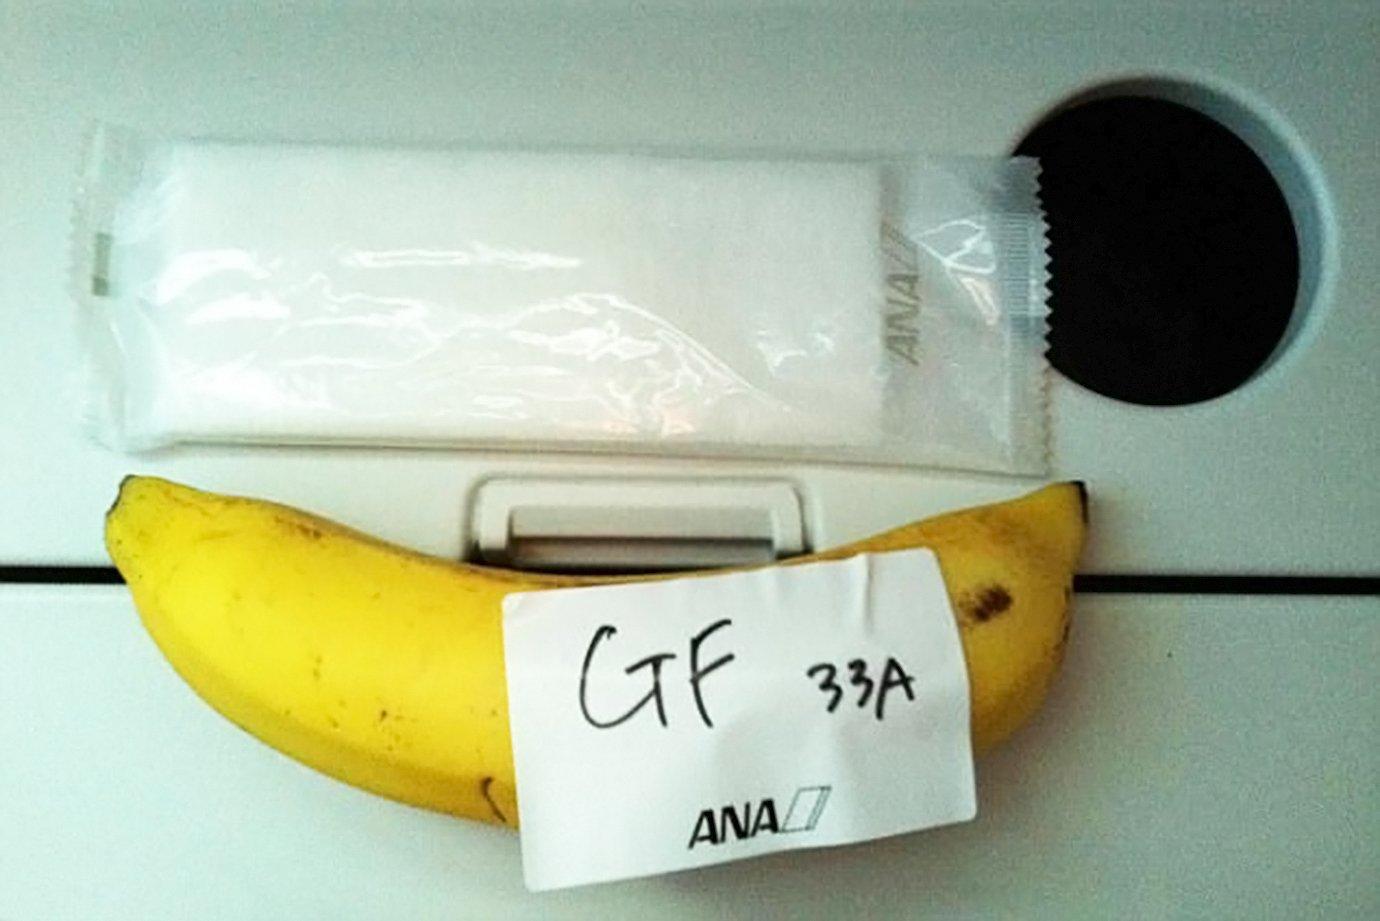 Passageiro pede refeição sem glúten na All Nippon Airways e recebe banana